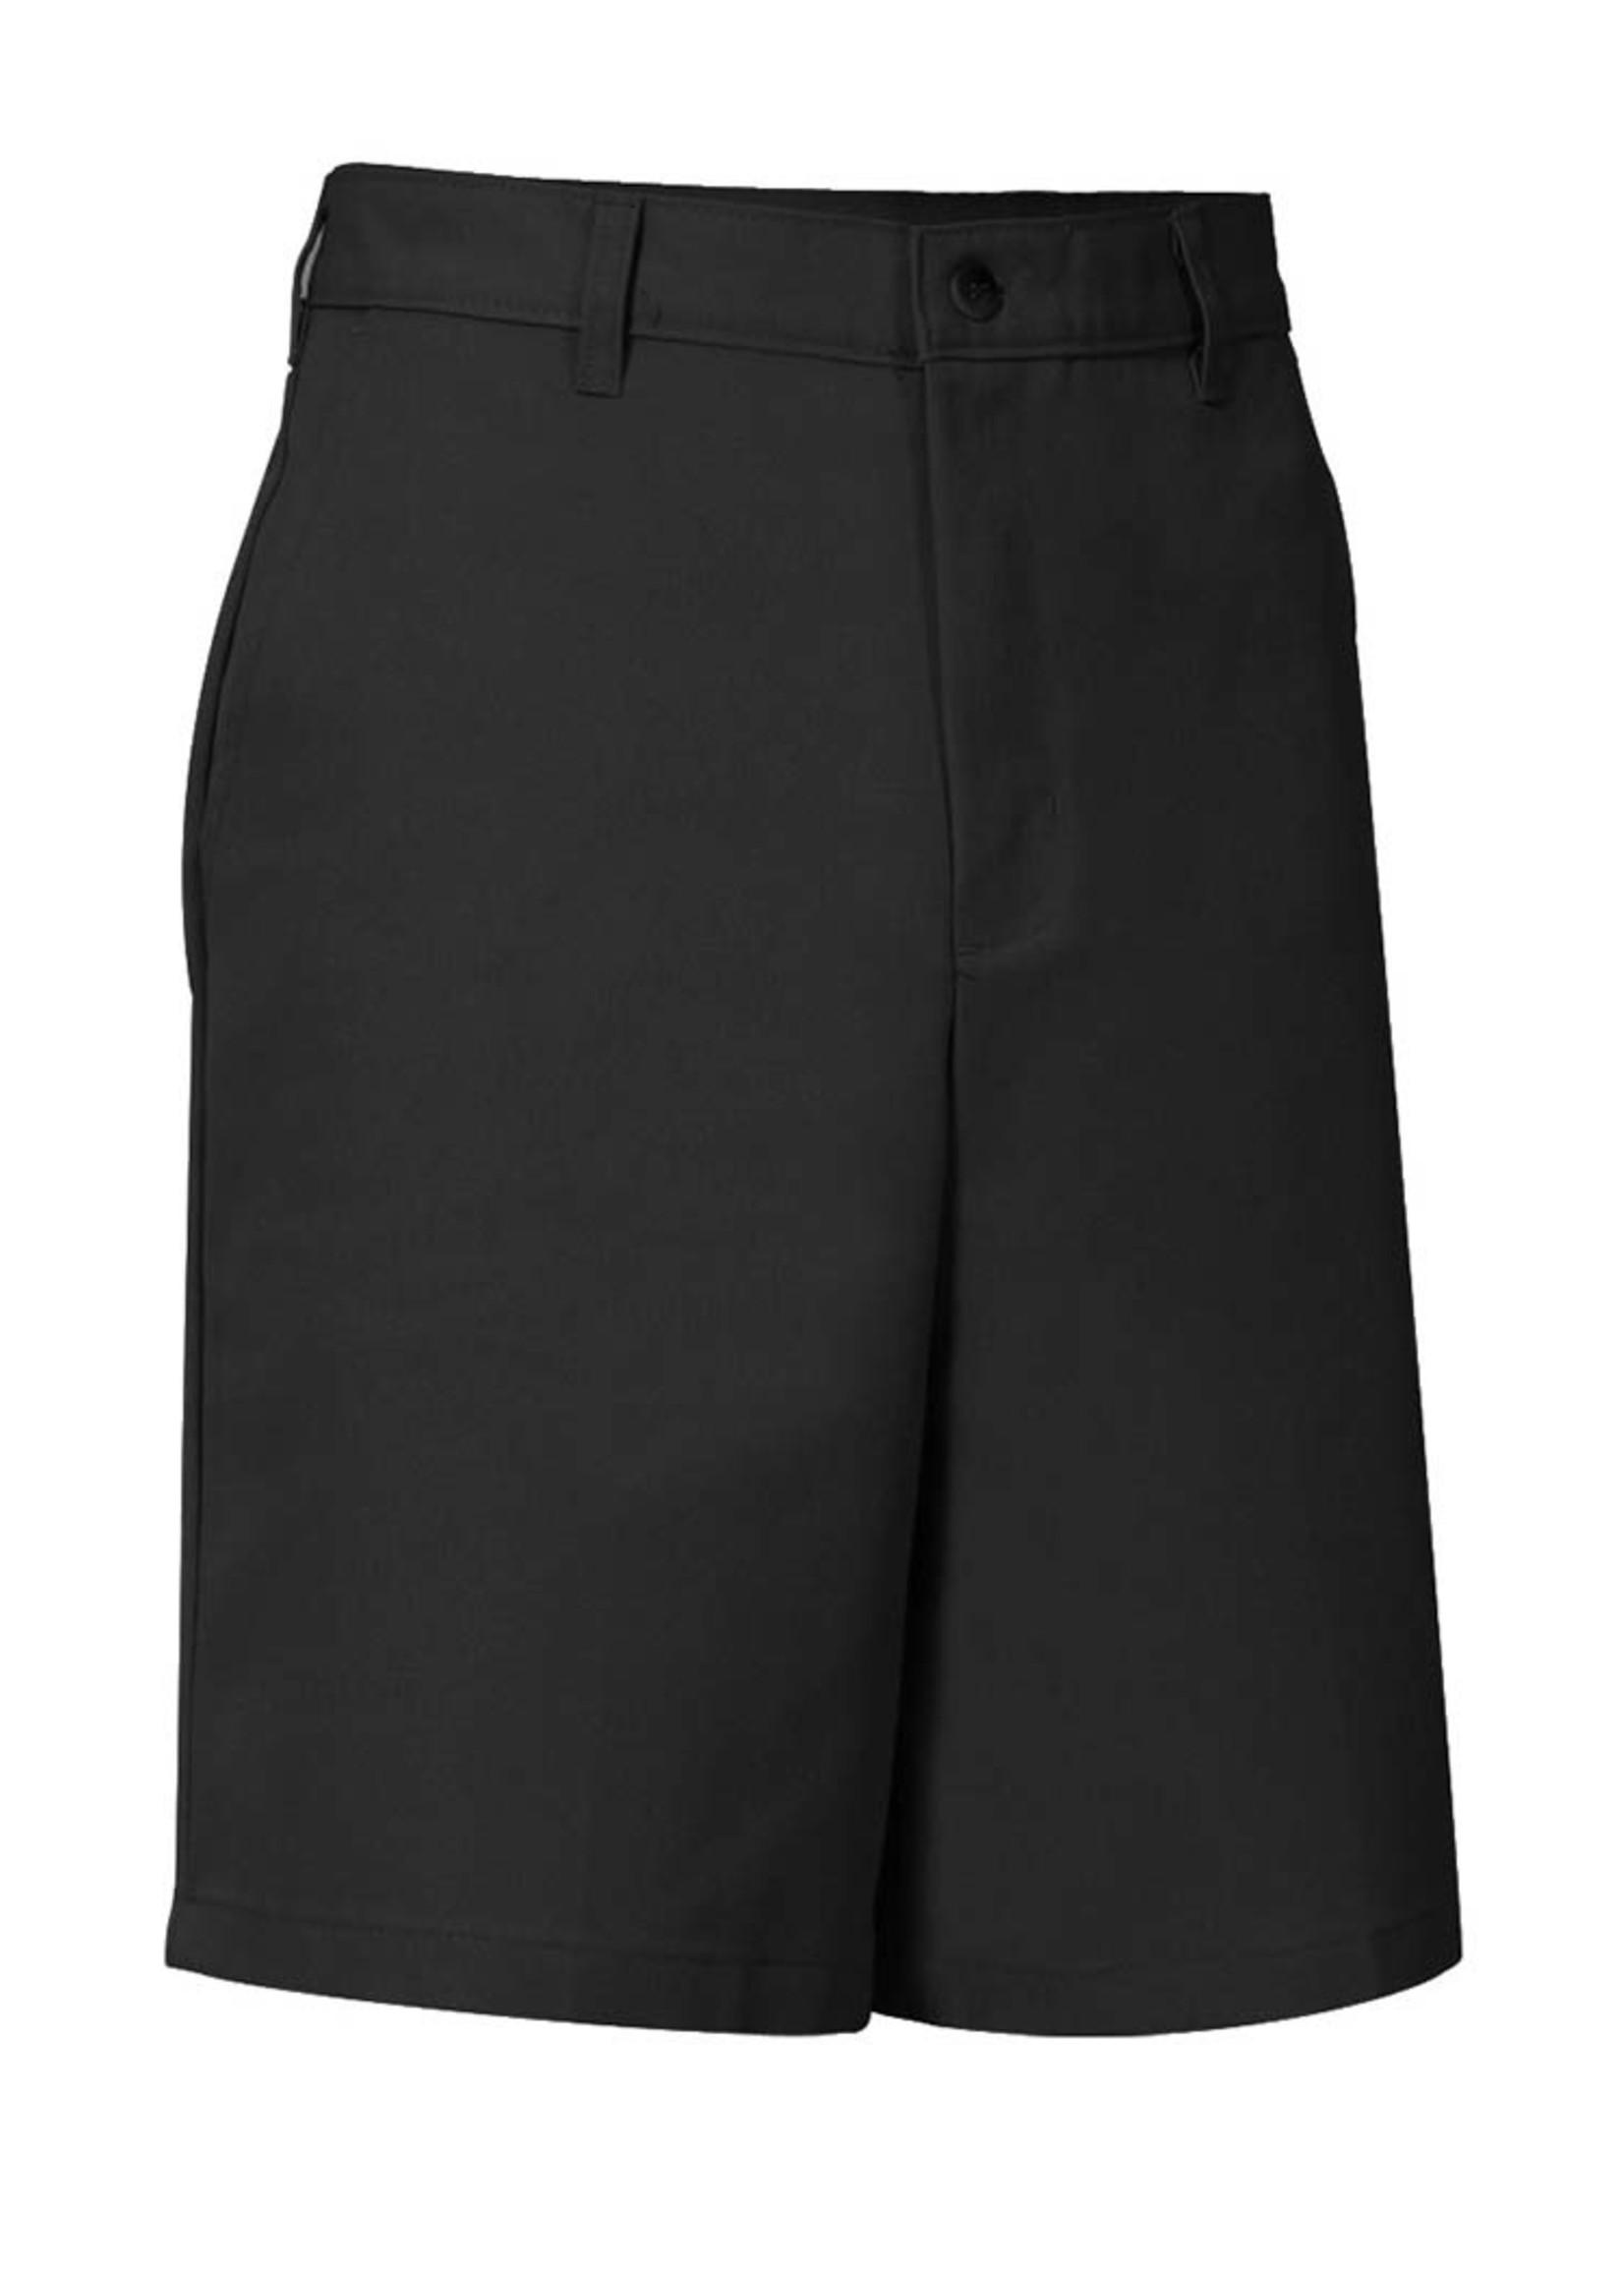 A+ ROCK Mens Flat Front Shorts Mens